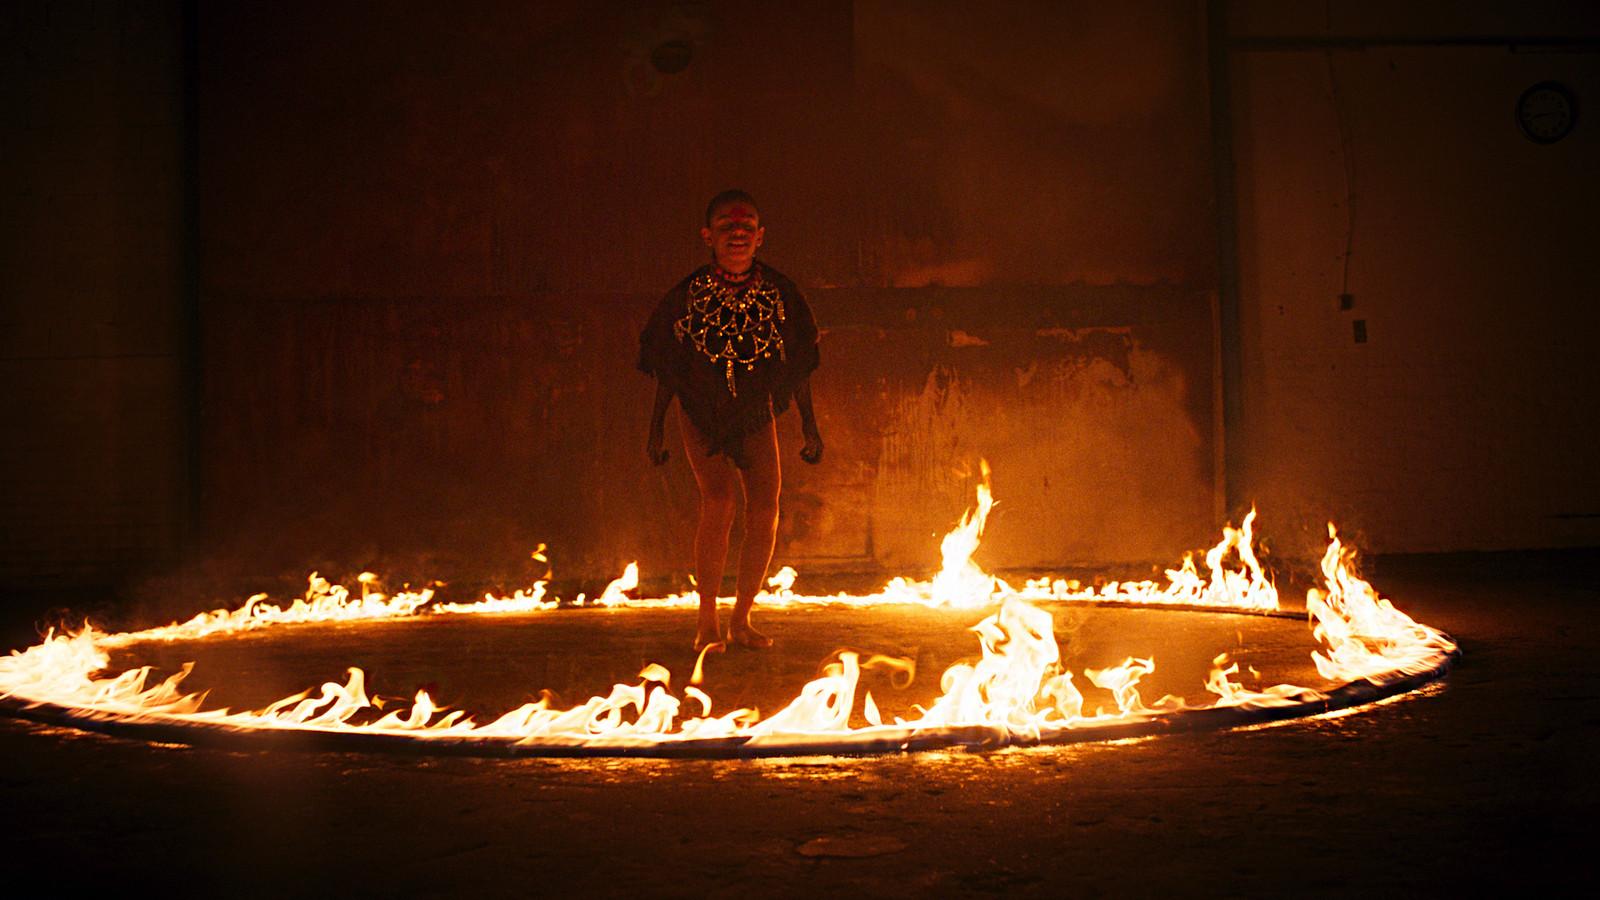 Shot uit de clip van Birth of a New Age, het lied van Jeangu Macrooy.